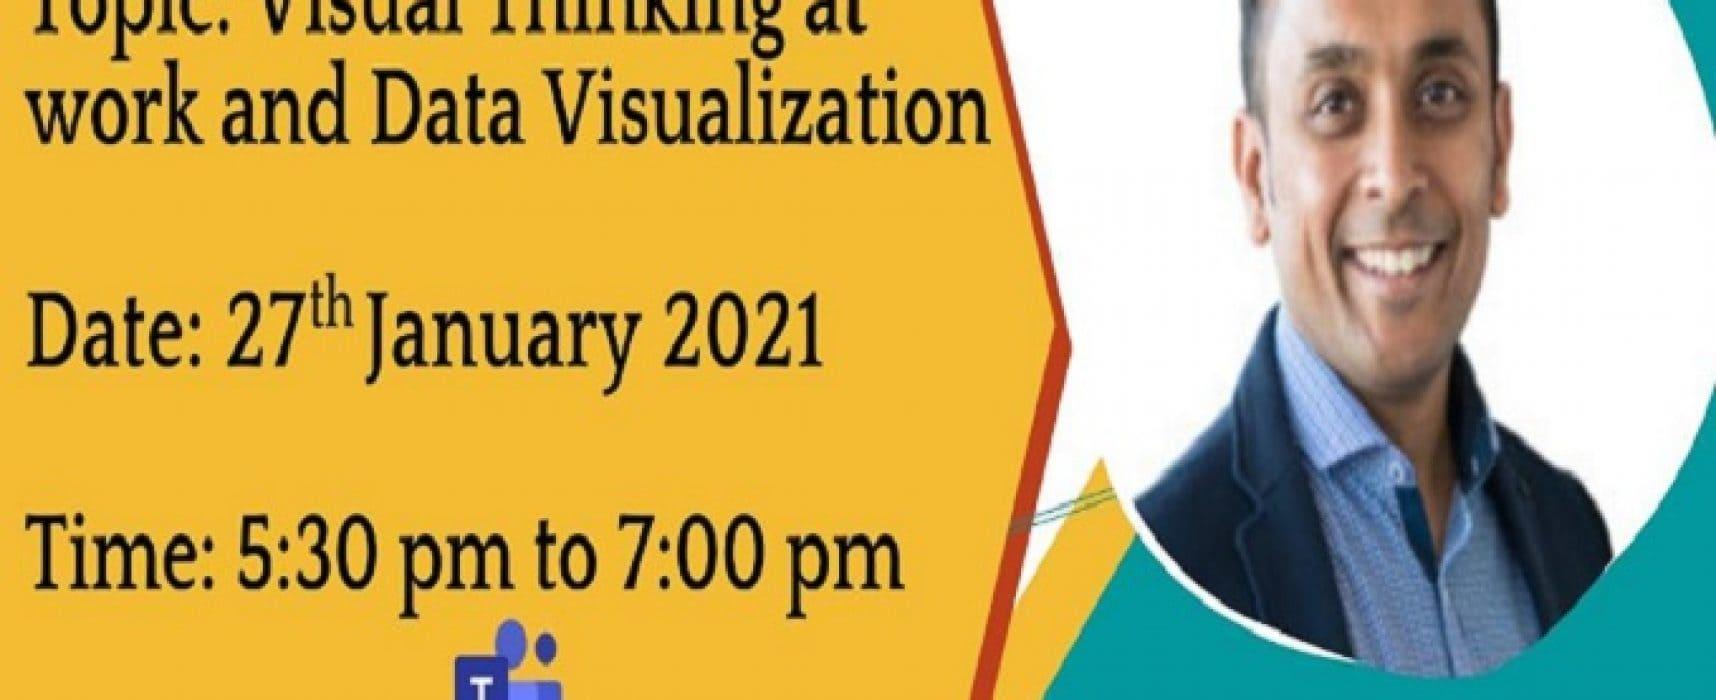 Visual Thinking at work and Data Visualization